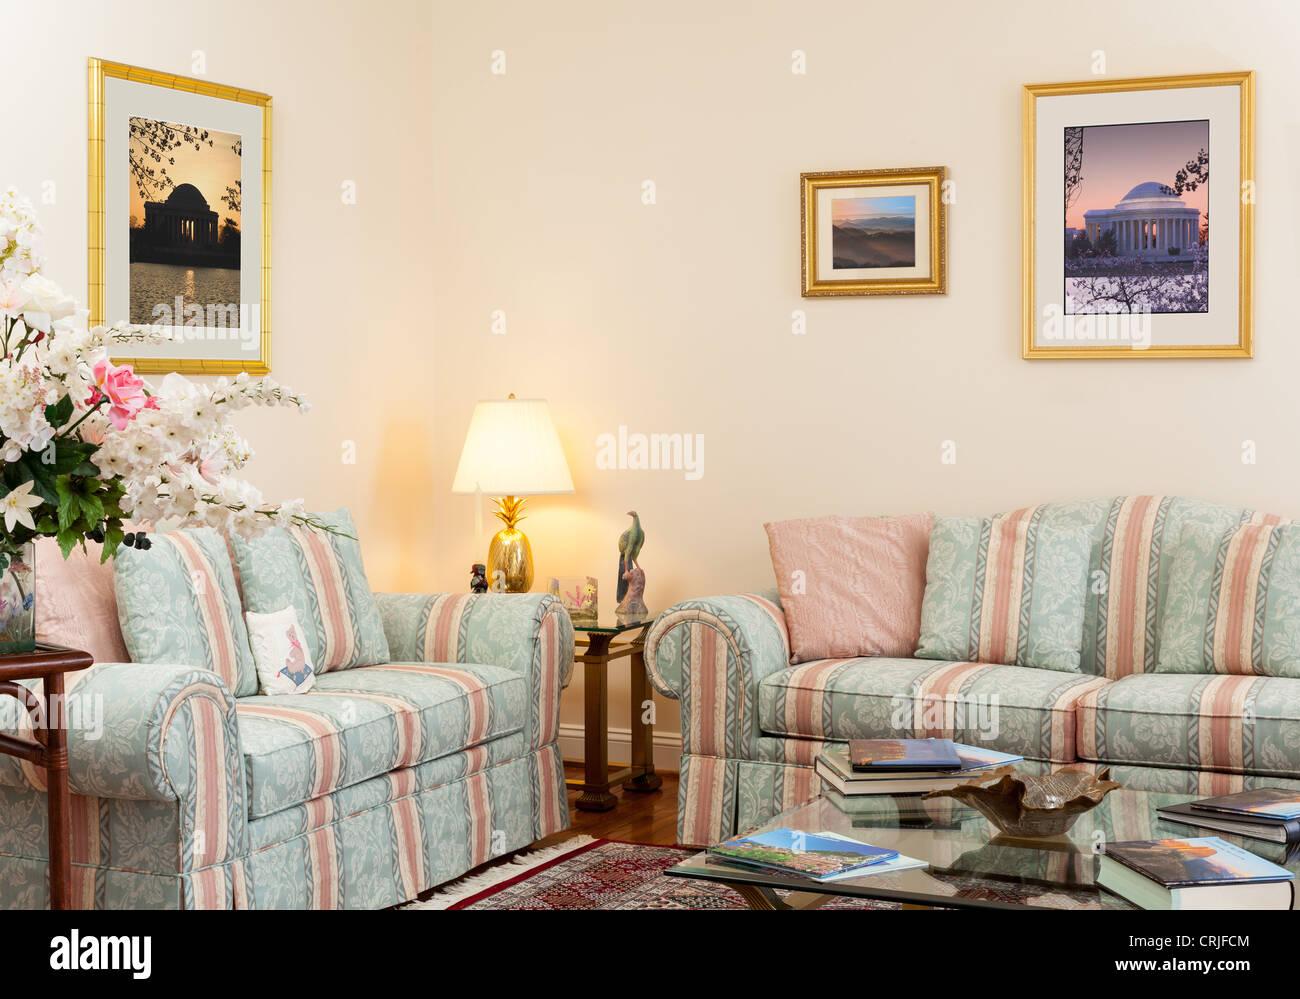 Wohnzimmer mit sofa Stockbild